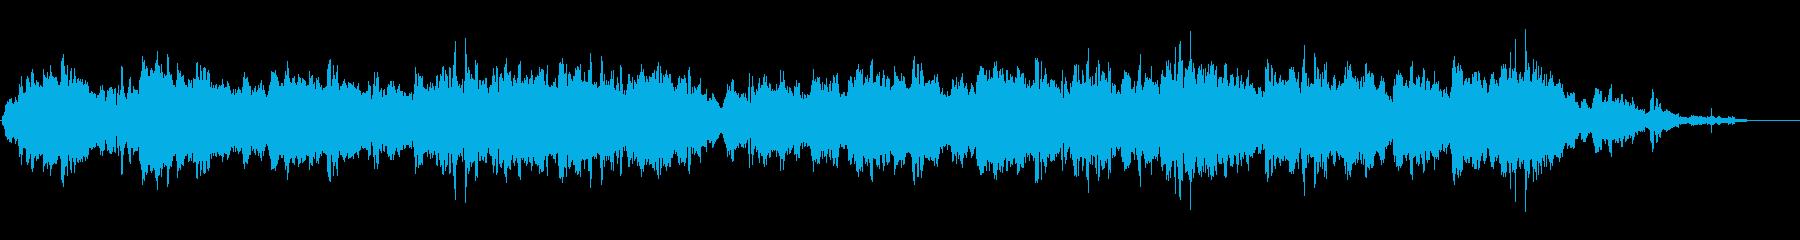 背景音 ホラー 17の再生済みの波形